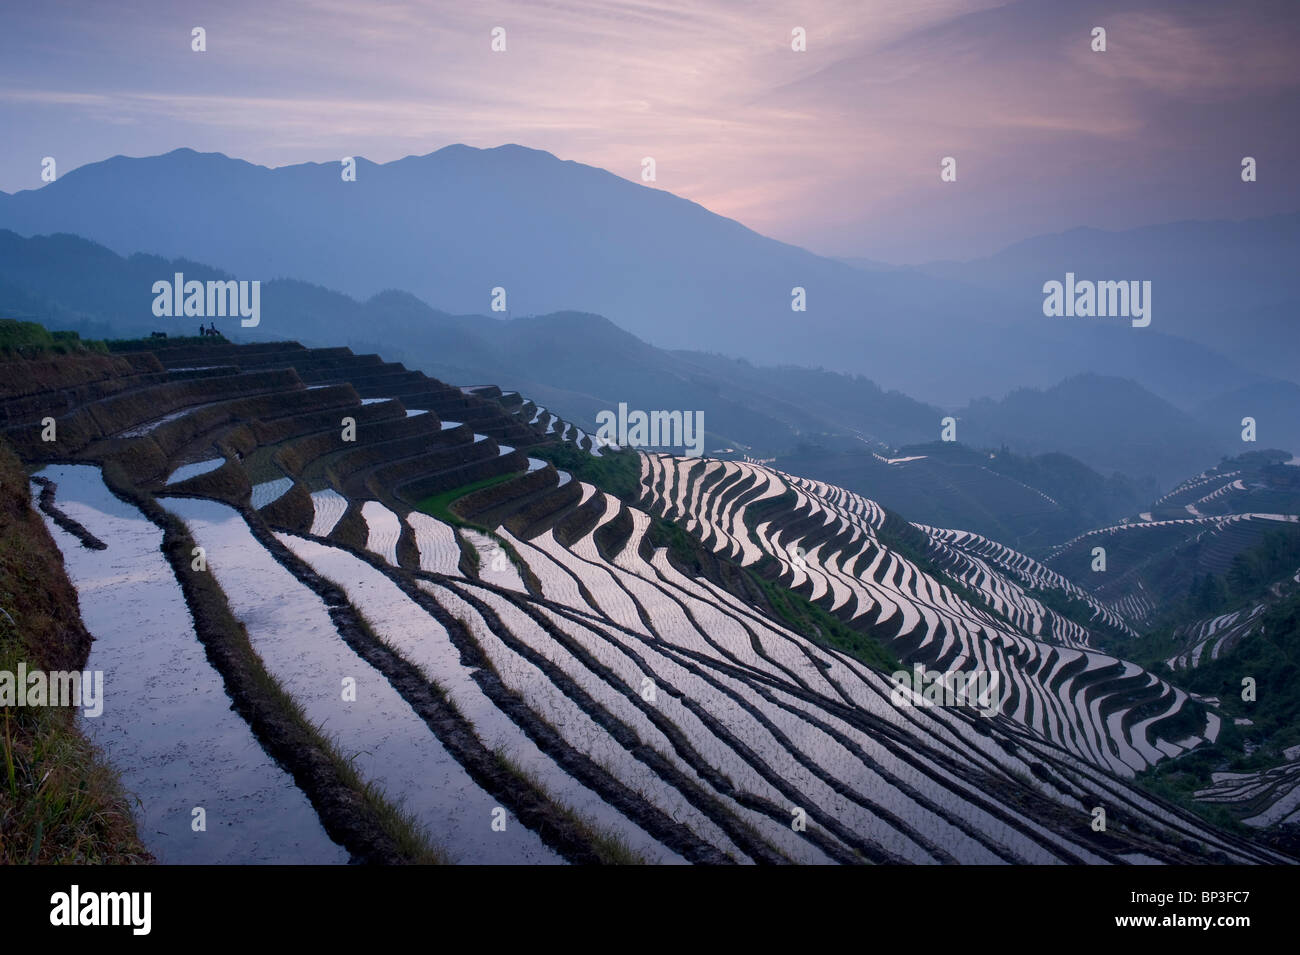 Sonnenuntergang am Drachen Rückgrat Reis-Terrassen in der Nähe von Yao Dorf Dazhai, Provinz Guangxi, China Stockfoto